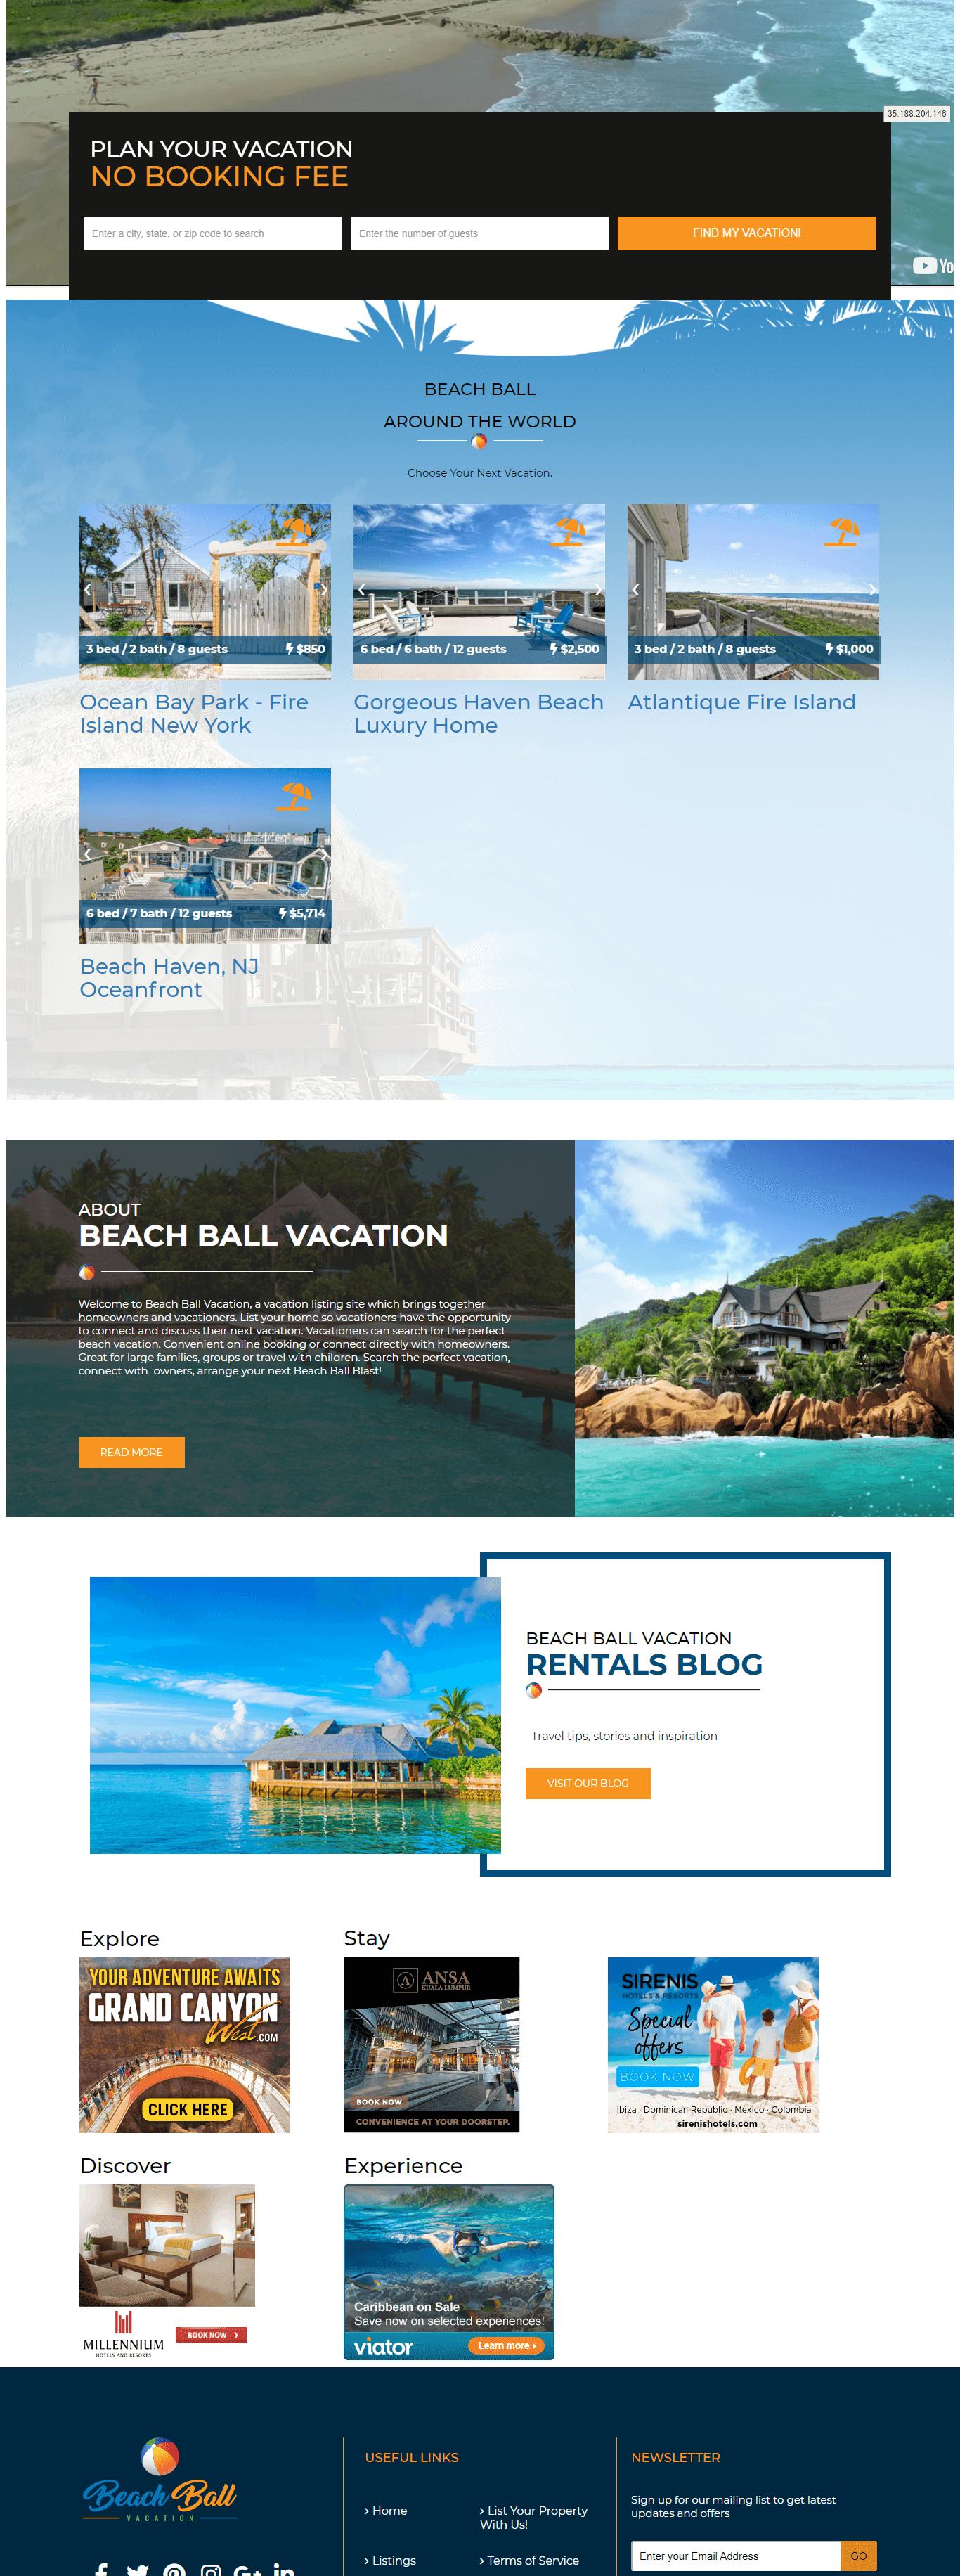 beachballvacation-php-laravel (1)